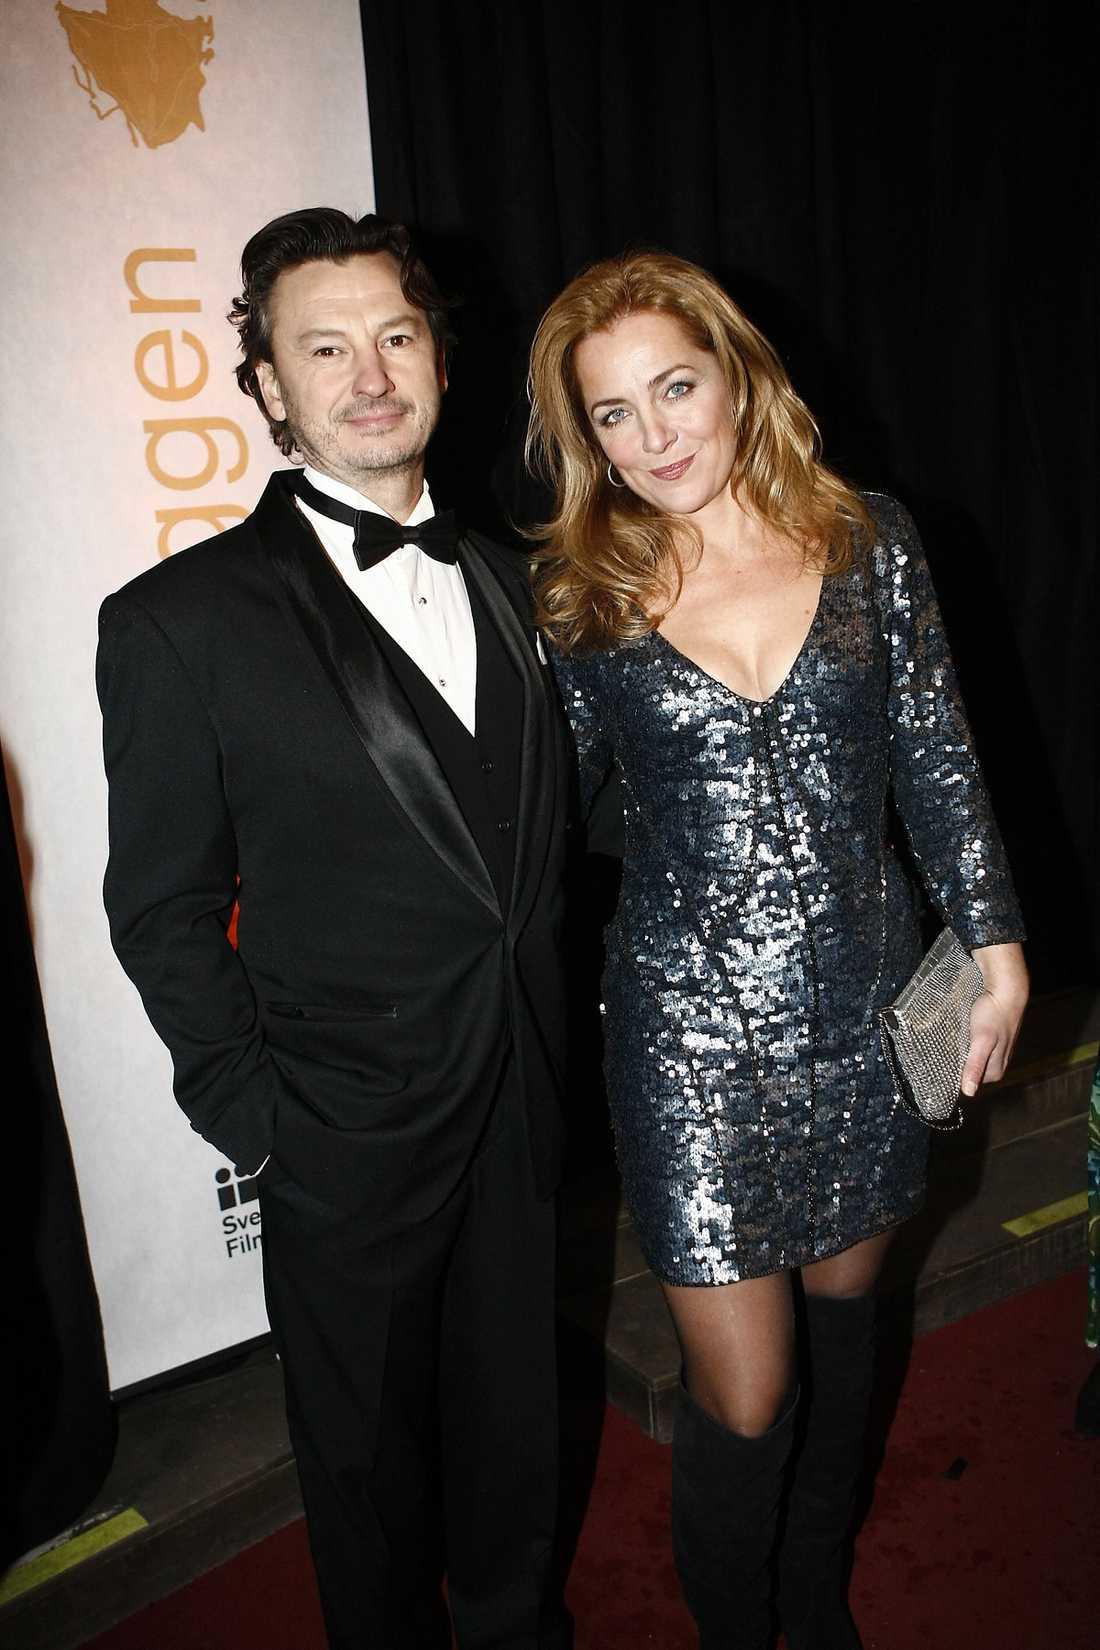 slut efter 20 år Skådespelarparet Anders Ekborg och Lia Boysen har varit tillsammans i 20 år. Nu har de bestämt sig för att ta ut skilsmässa.